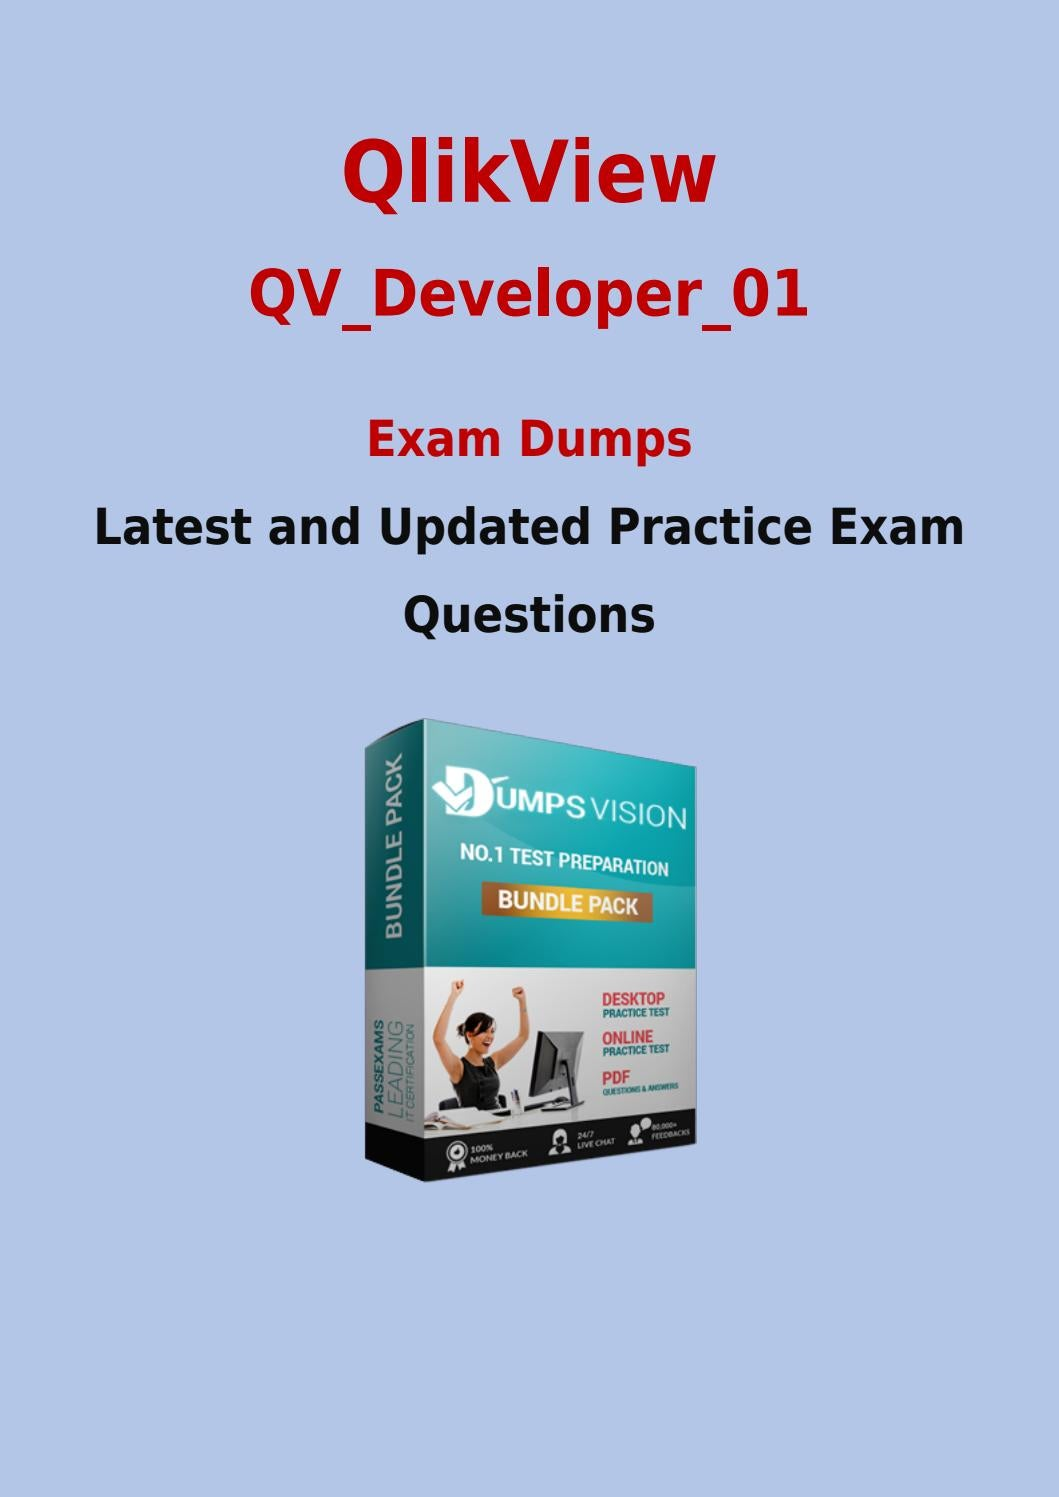 Qv Developer 01 Pdf Exam Dumps Free Qlikview Qv Developer 01 Sample